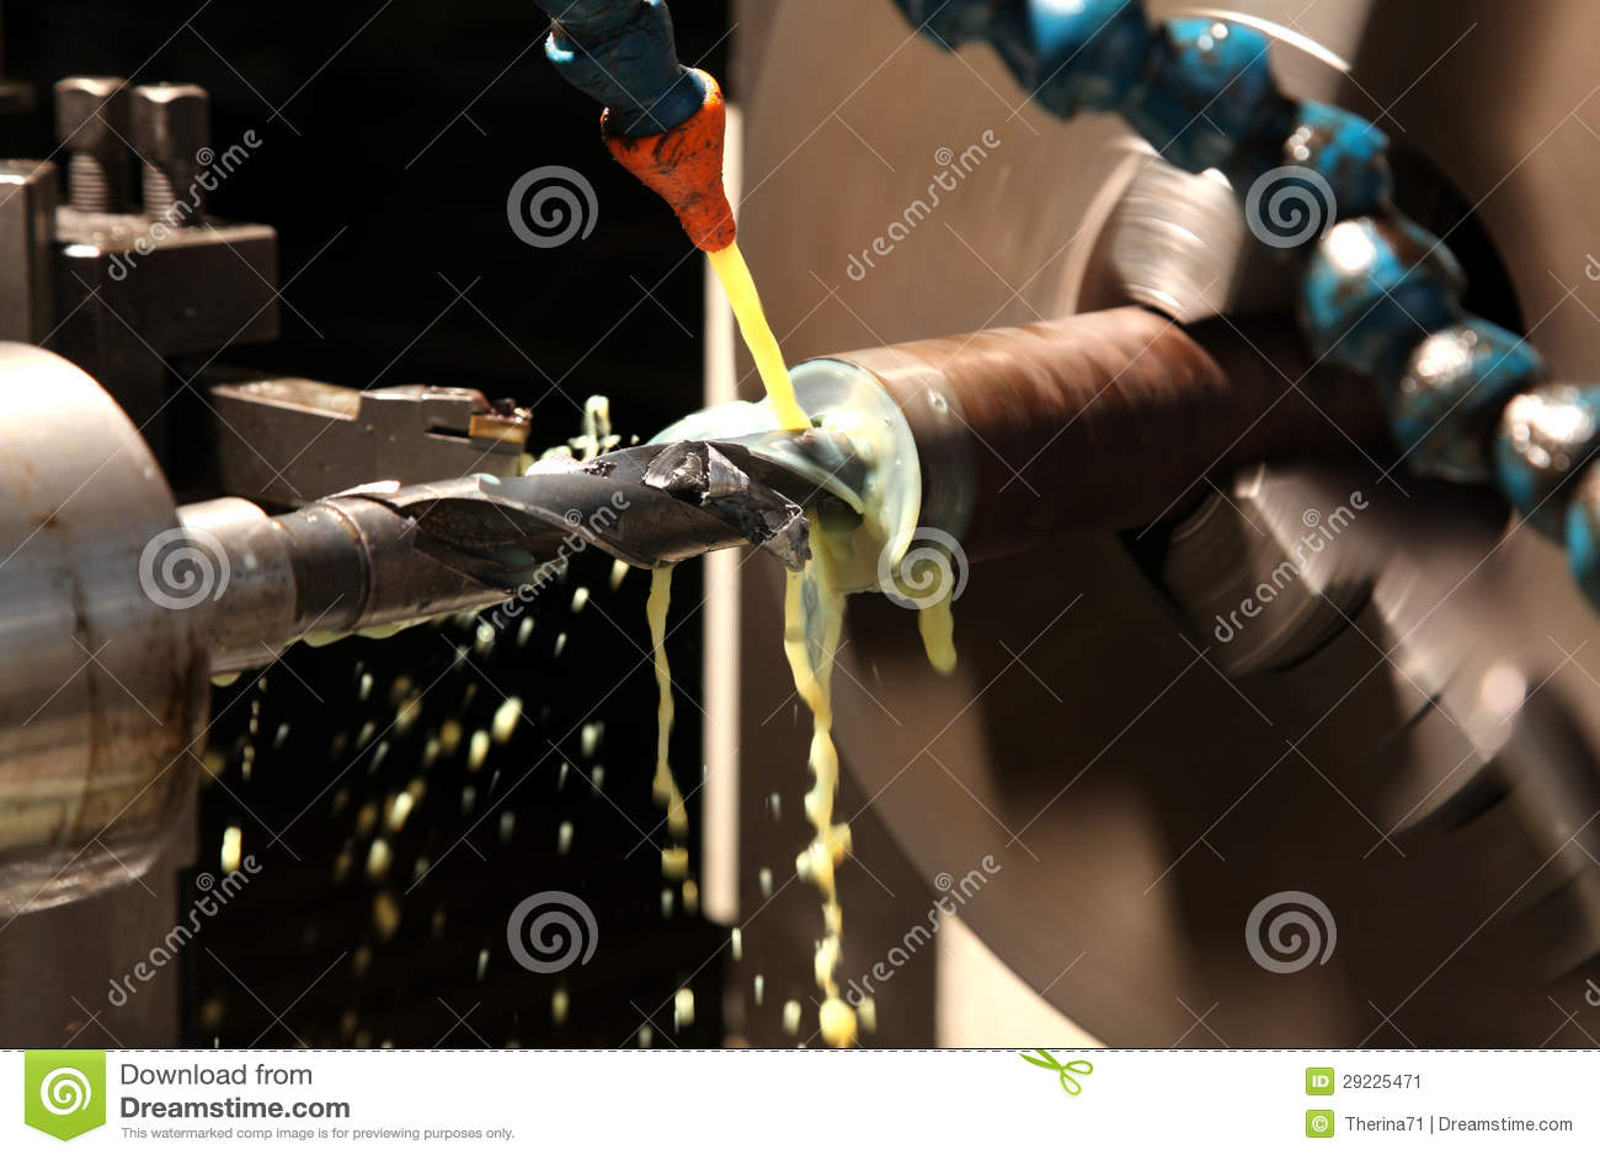 Download Torno imagem de stock. Imagem de metal, desperdício, recycle - 29225471